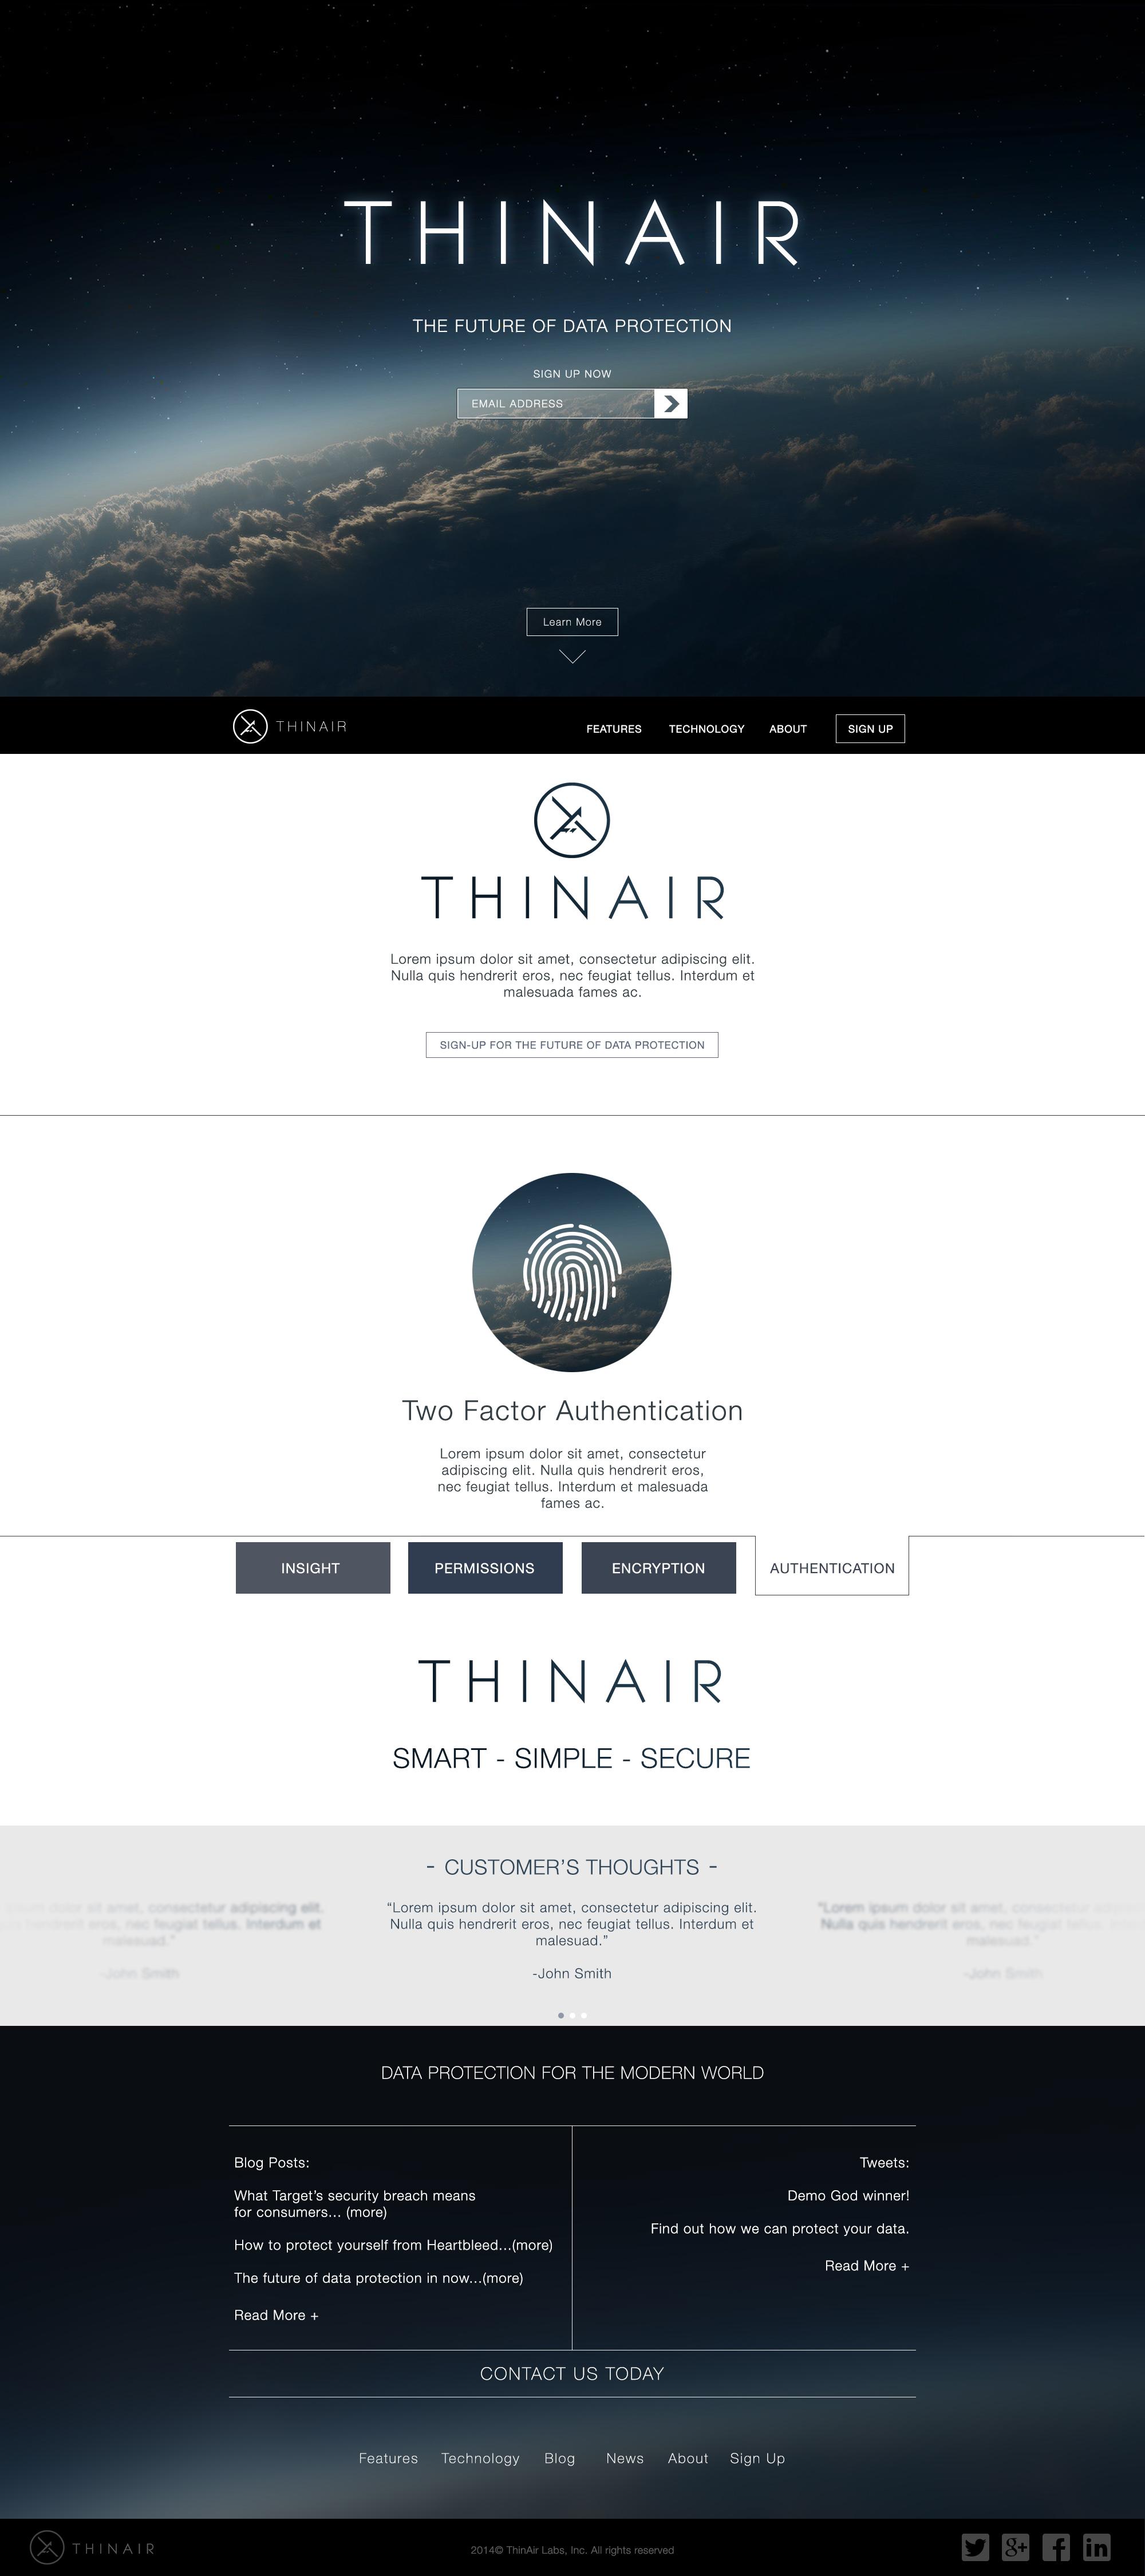 ThinAir.jpg